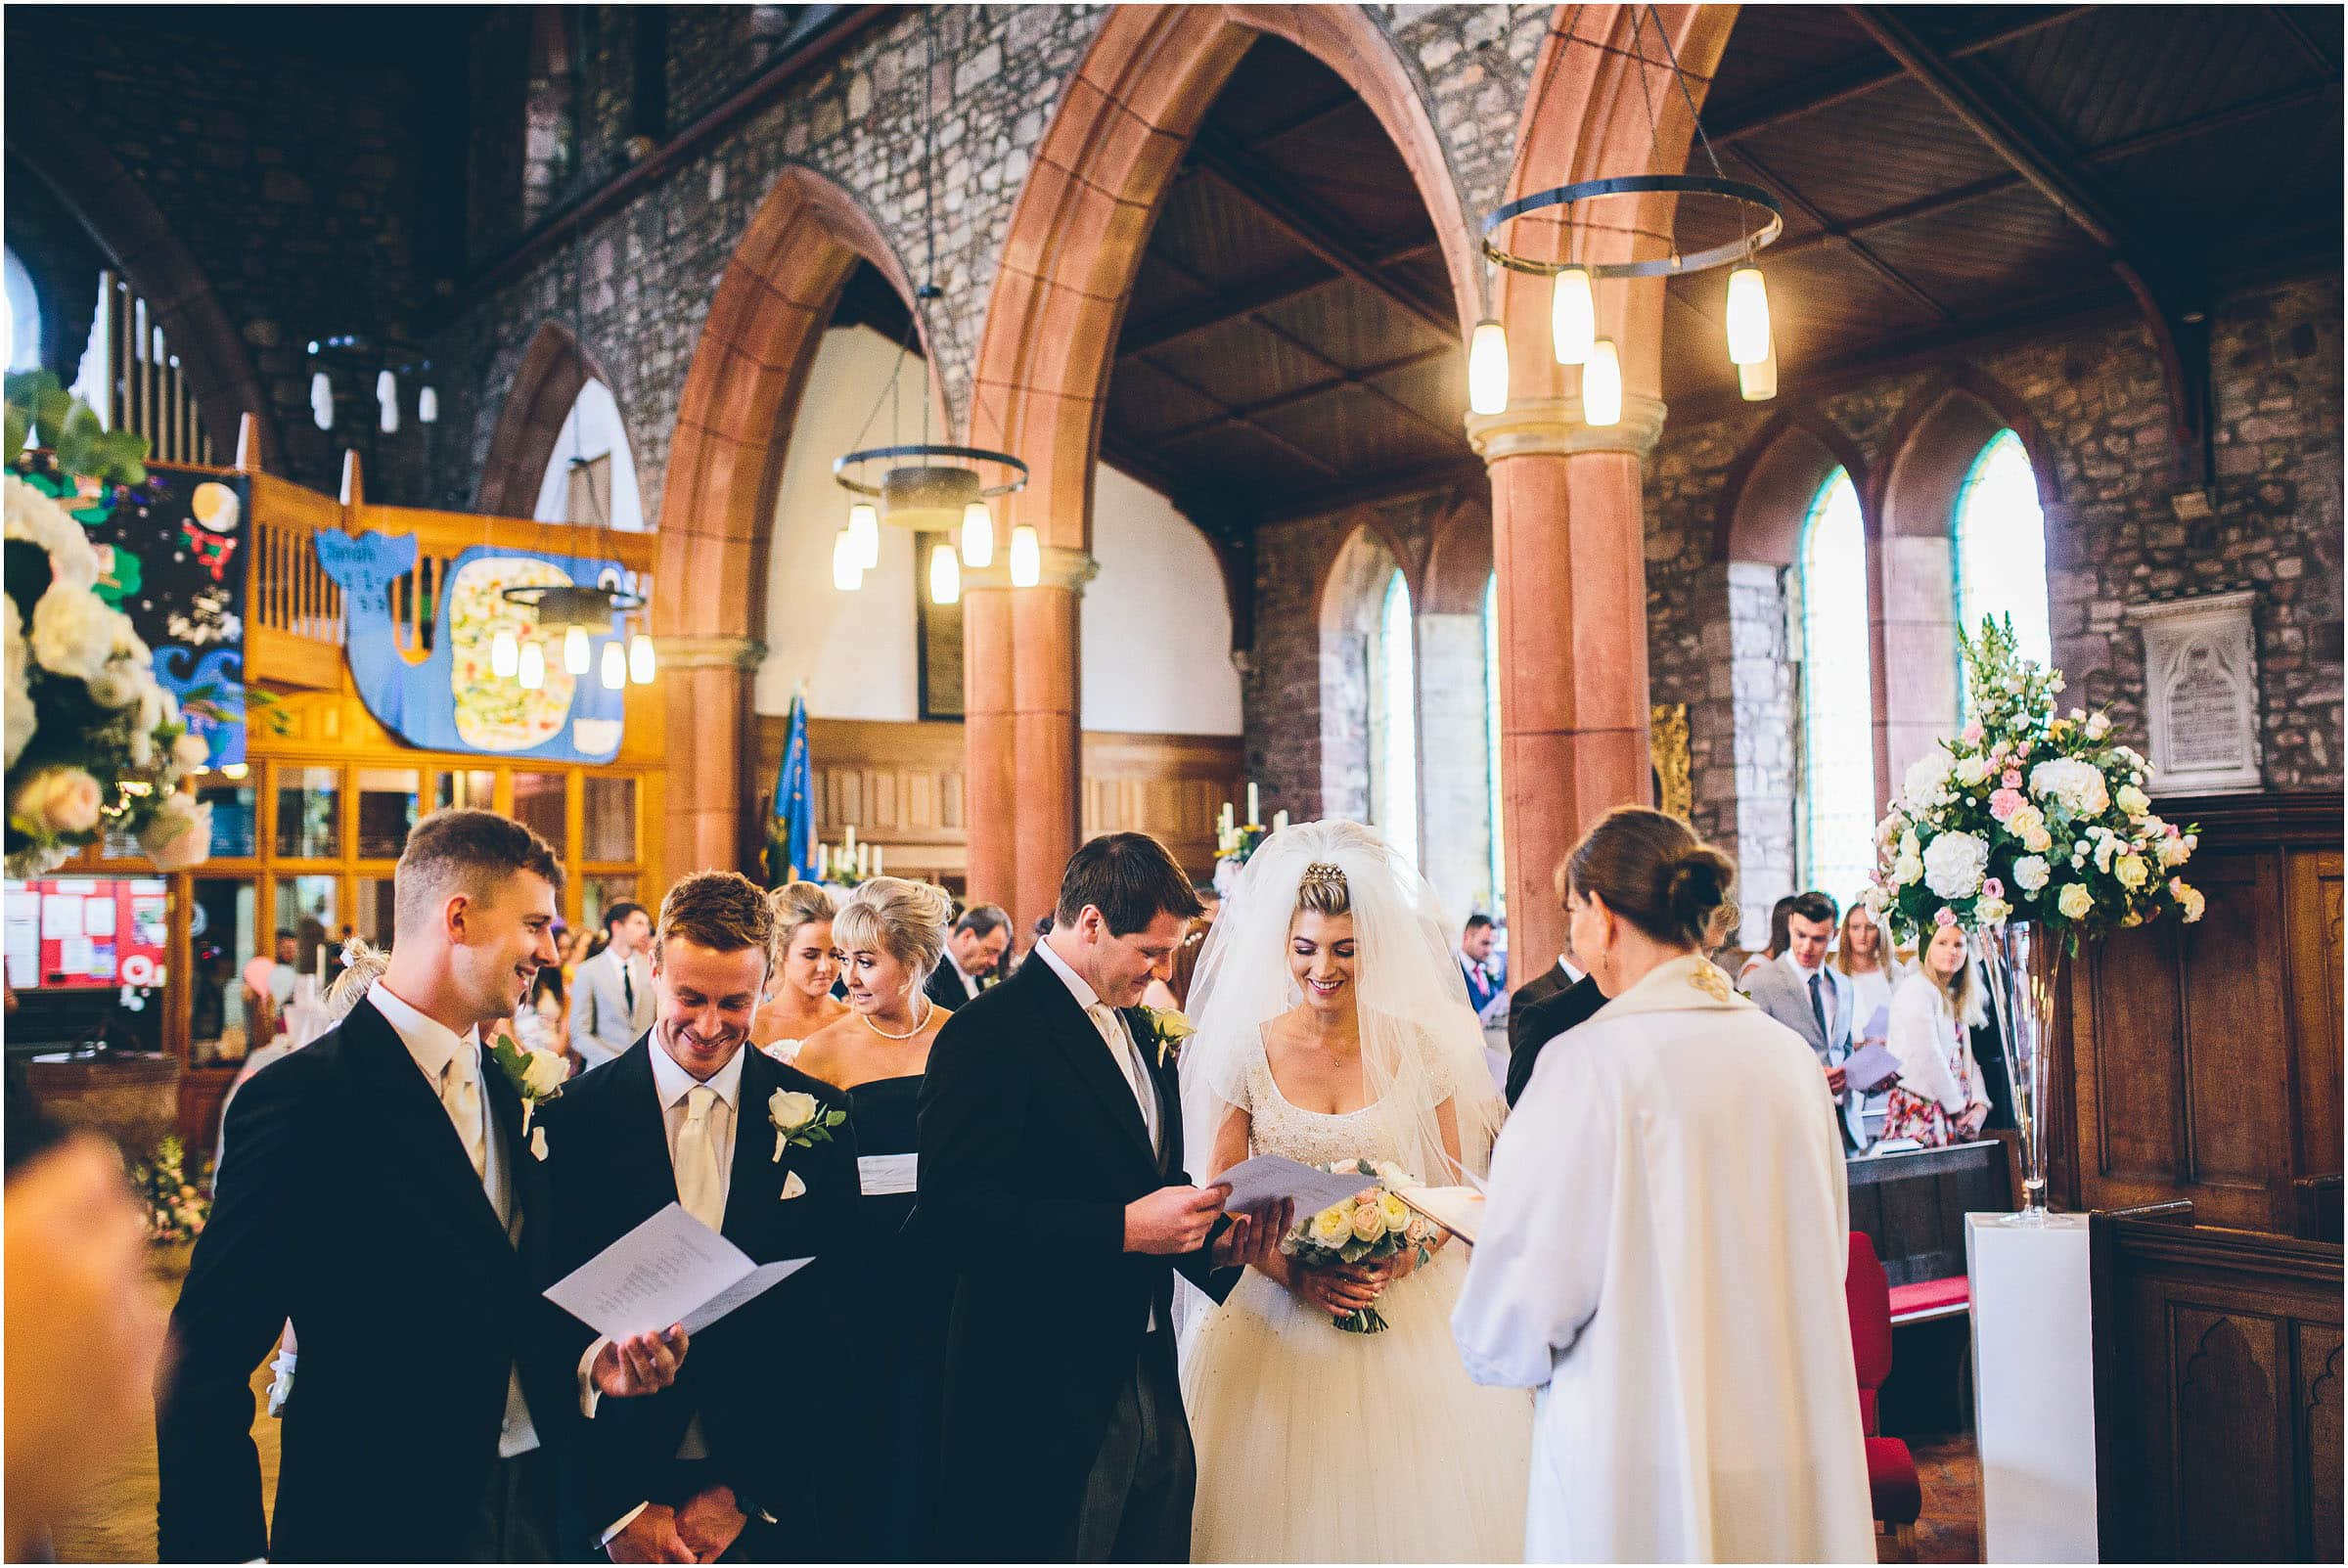 shropshire_wedding_photography_0035